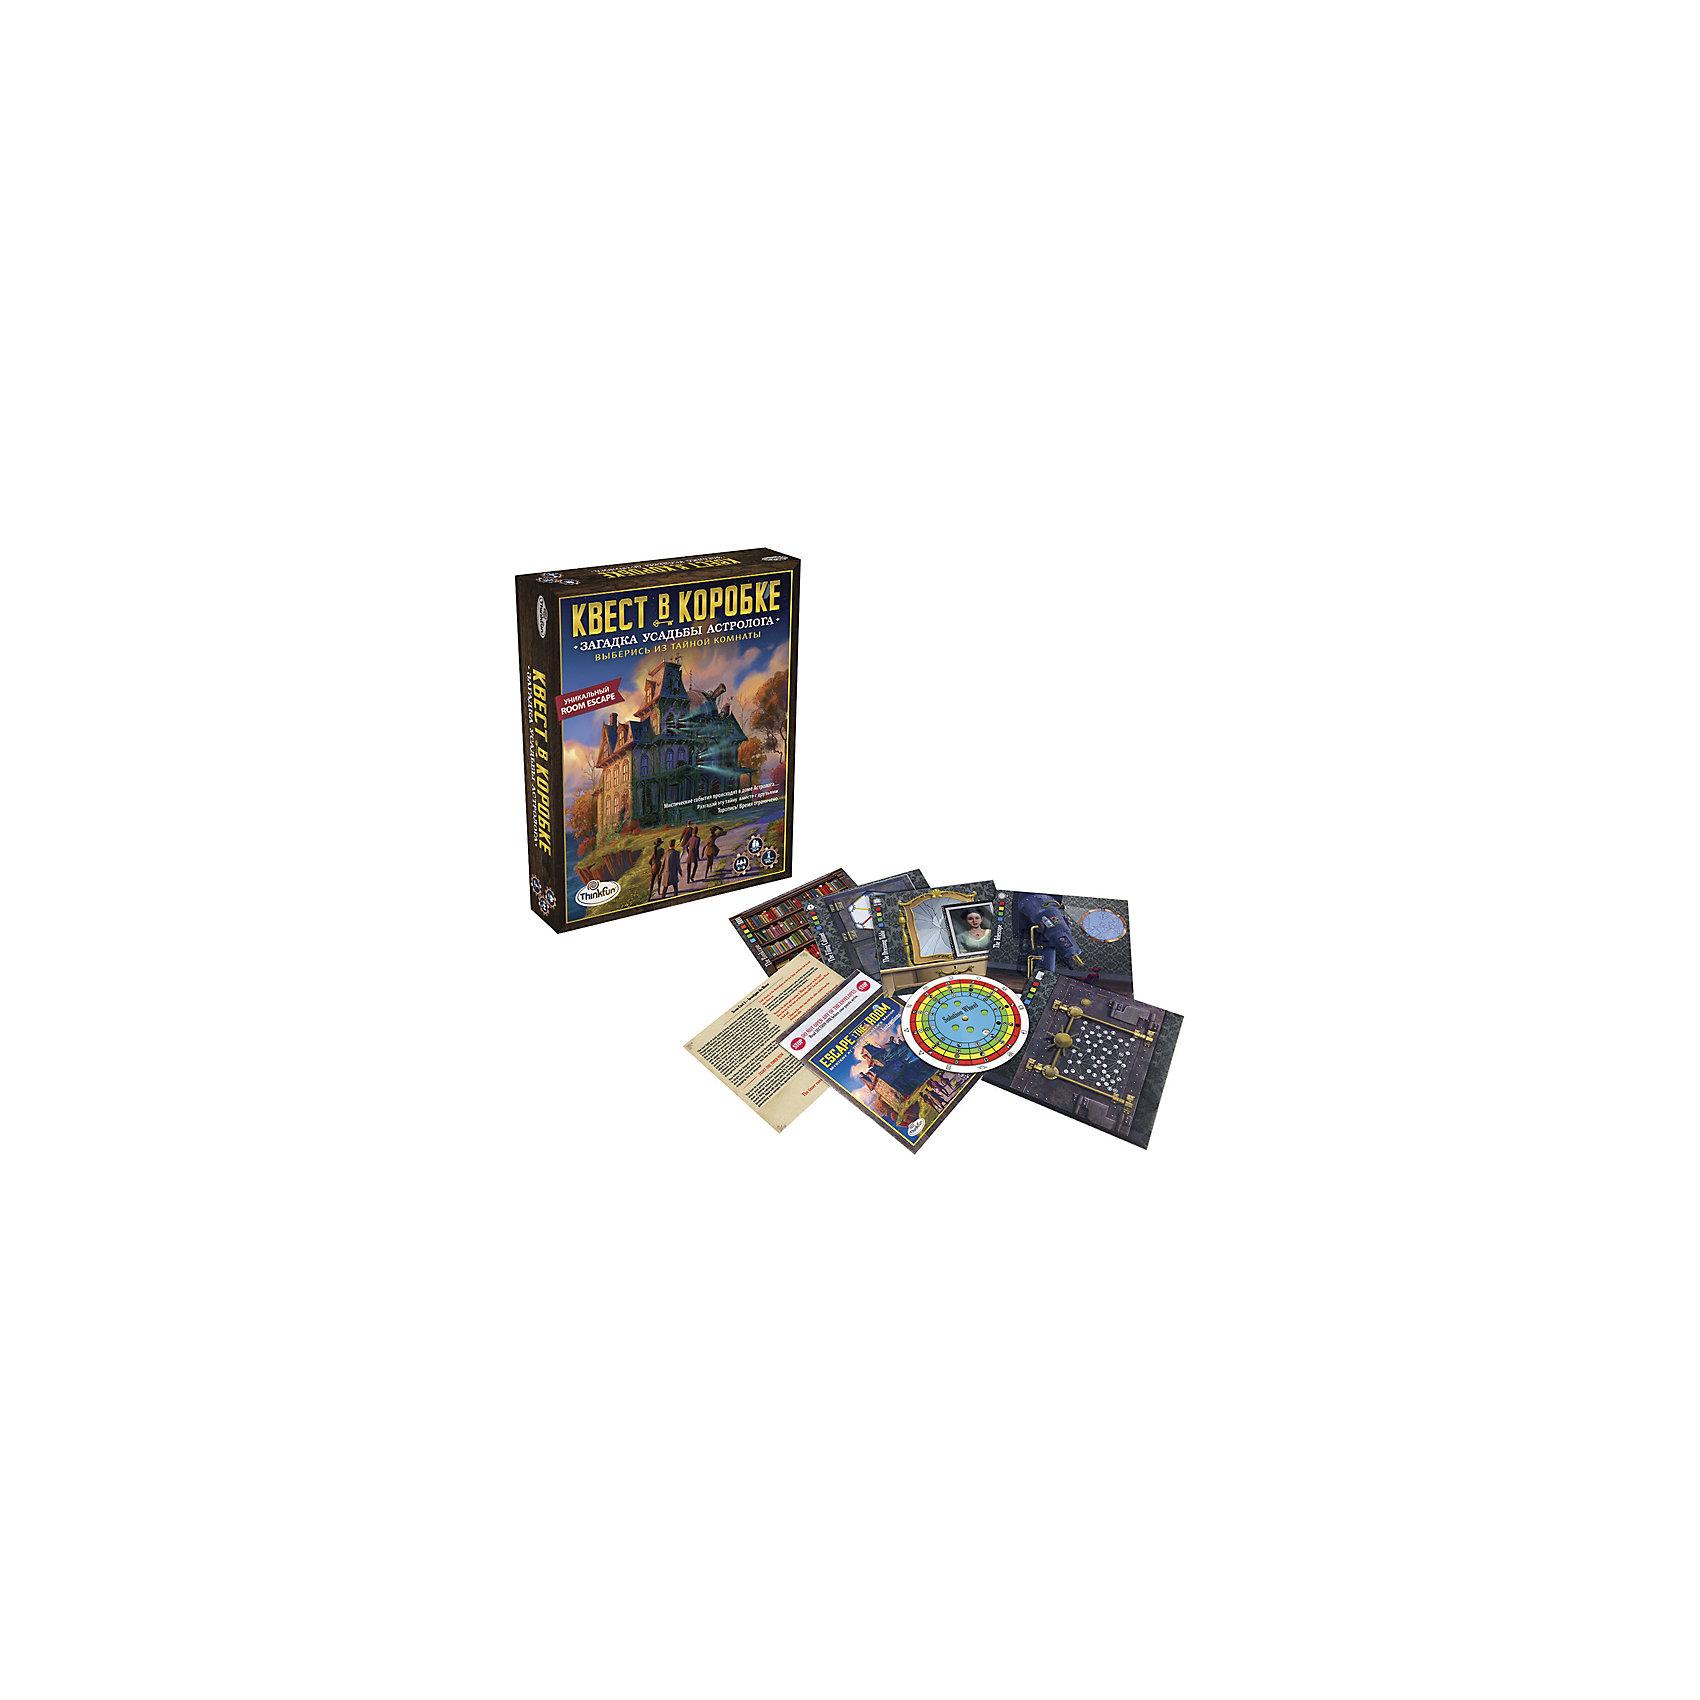 Игра-квест Загадка усадьбы астролога, ThinkfunНастольные игры для всей семьи<br>Игра-квест Загадка усадьбы астролога, Thinkfun.<br><br>Характеристики:<br><br>- цвет: разноцветный;<br>- материал: картон;<br>- комплектация: инструкция, сценарная карта, 5 конвертов с загадочным содержимым, колесо решений;<br>- упаковка: коробка;<br>- особенности: для одного человека;<br>- размер упаковки: 25x10x8 см.<br><br>Идет 1869 год… Почтенного профессора никто не видел уже долгое время. После трагической смерти жены он забросил науку и стал жить затворником, занимаясь астрологией и оккультными науками. Теперь его большой особняк пугает редких прохожих мрачным видом и потусторонними звуками. Куда же исчез хозяин? Цель игры: выбраться из тайной комнаты. Как играть: Действуя сообща, игроки ищут подсказки и решают головоломки, чтобы выбраться из заточения. Попутно проясняется история Астролога и его таинственной усадьбы. В небольшой коробке – целая игровая комната, с предметами обстановки и аксессуарами. Интеллектуальная игра-головоломка Загадка усадьбы астролога способствует развитию логики, внимательности, нестандартному мышлению, а также учит действовать в команде.<br><br>Игру-квест Загадка усадьбы астролога, Thinkfun можно купить в нашем интернет-магазине.<br><br>Ширина мм: 220<br>Глубина мм: 50<br>Высота мм: 262<br>Вес г: 580<br>Возраст от месяцев: 36<br>Возраст до месяцев: 2147483647<br>Пол: Унисекс<br>Возраст: Детский<br>SKU: 5055428